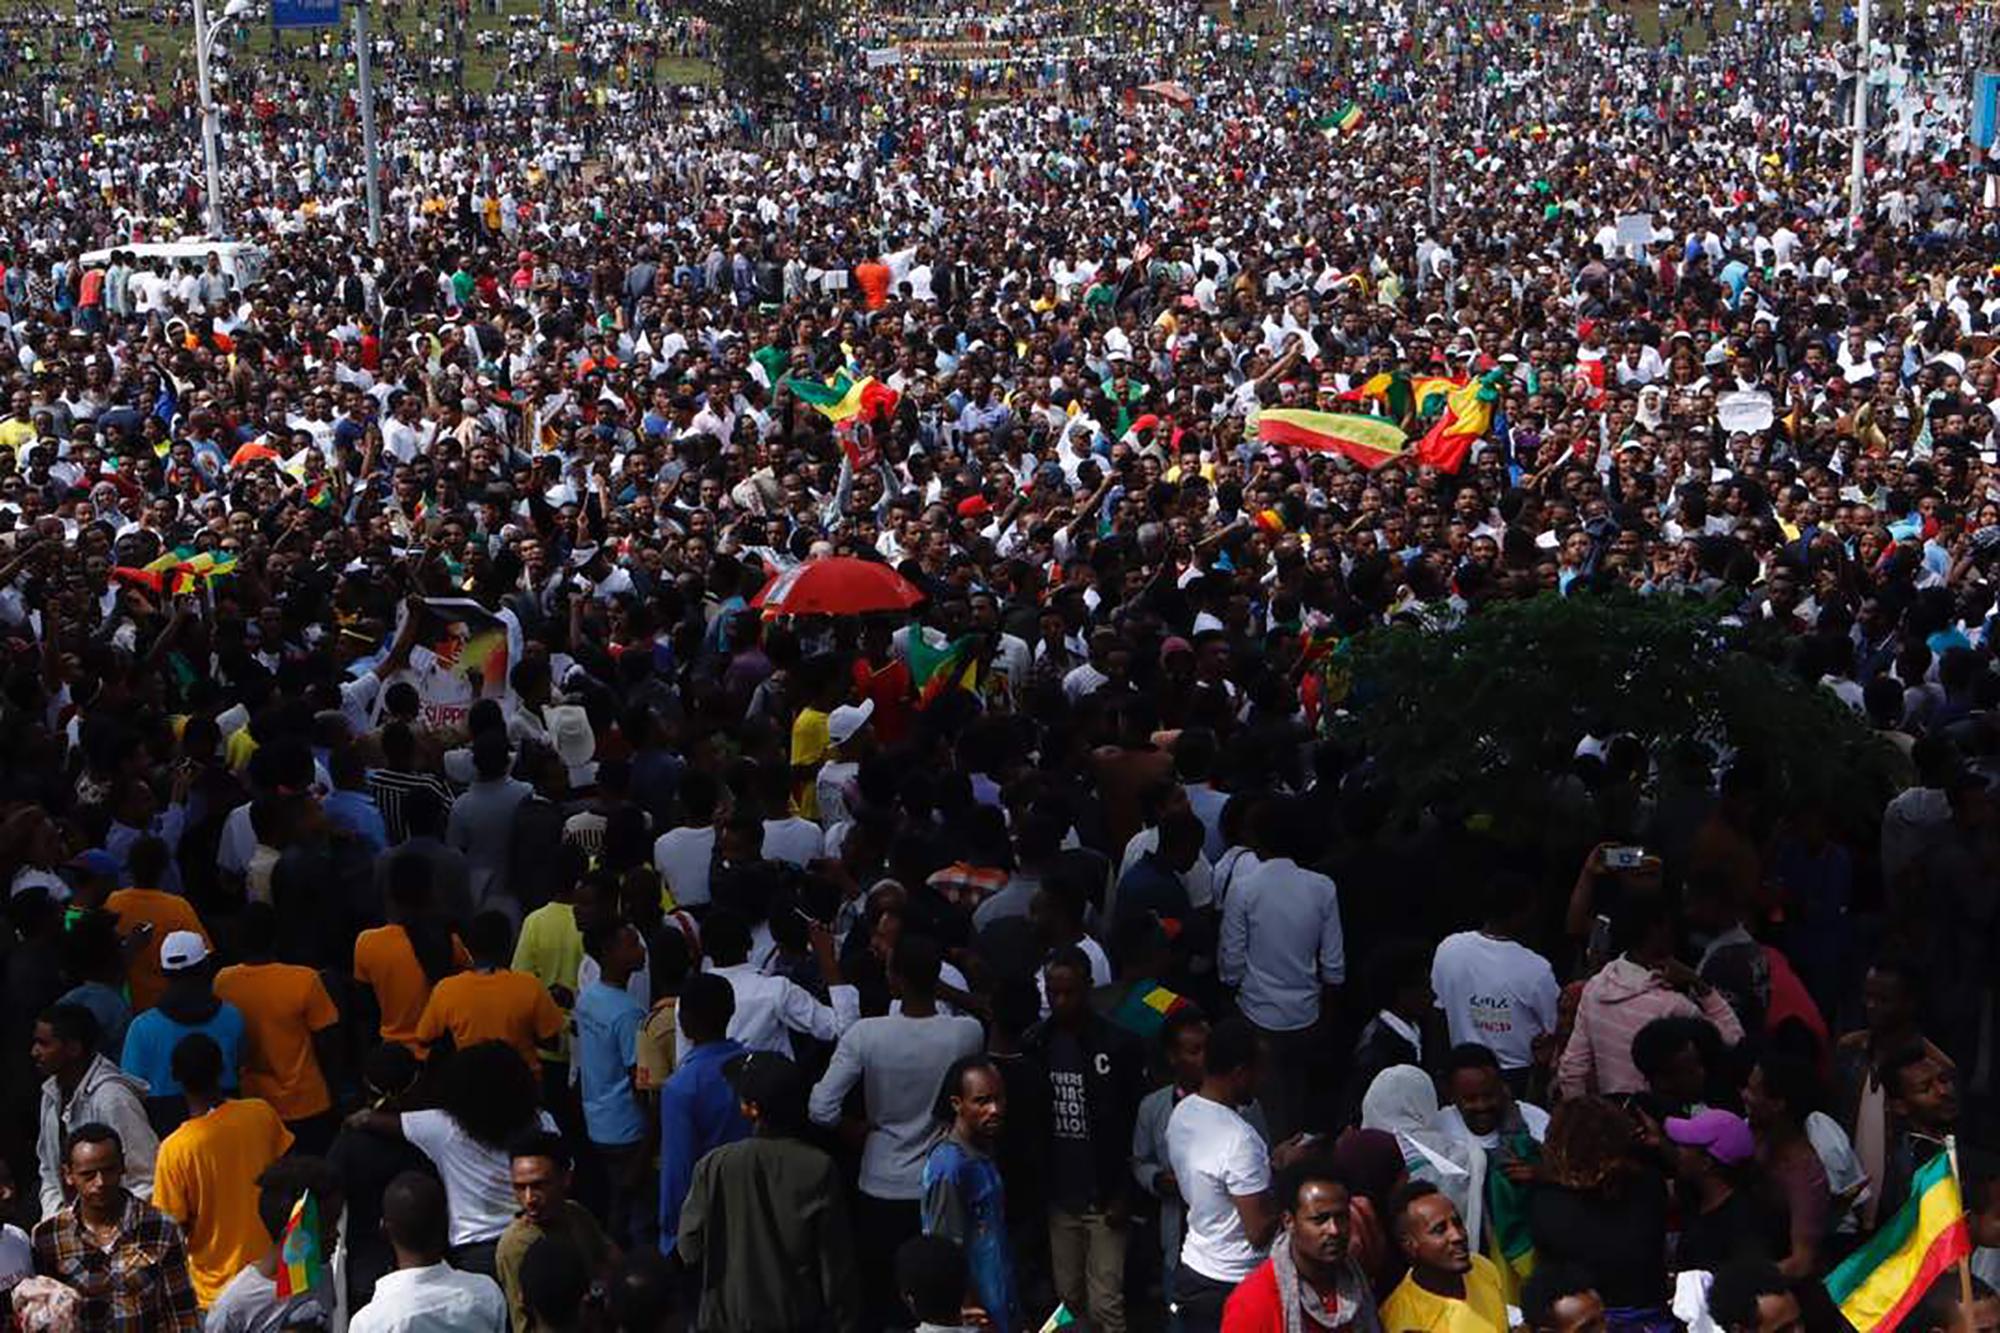 Robbanás történt az új etióp miniszterelnök nagygyűlésén, többen meghaltak